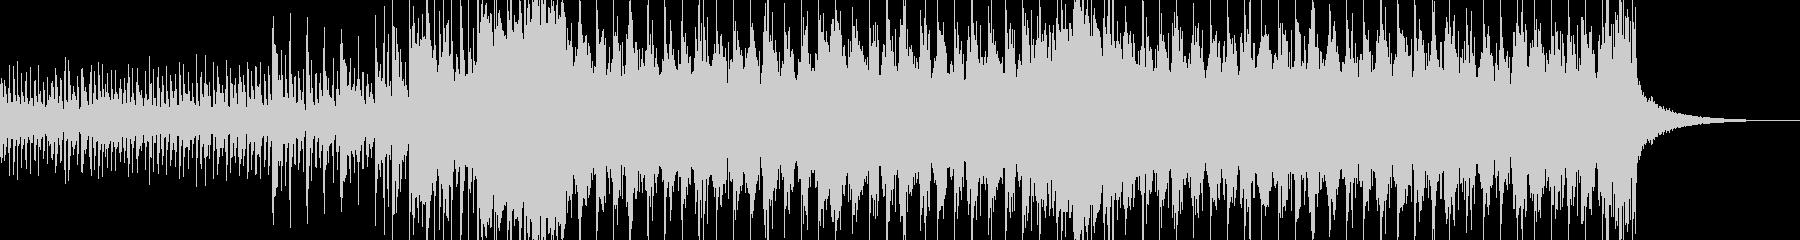 スラップベースを使用したシンセロックですの未再生の波形